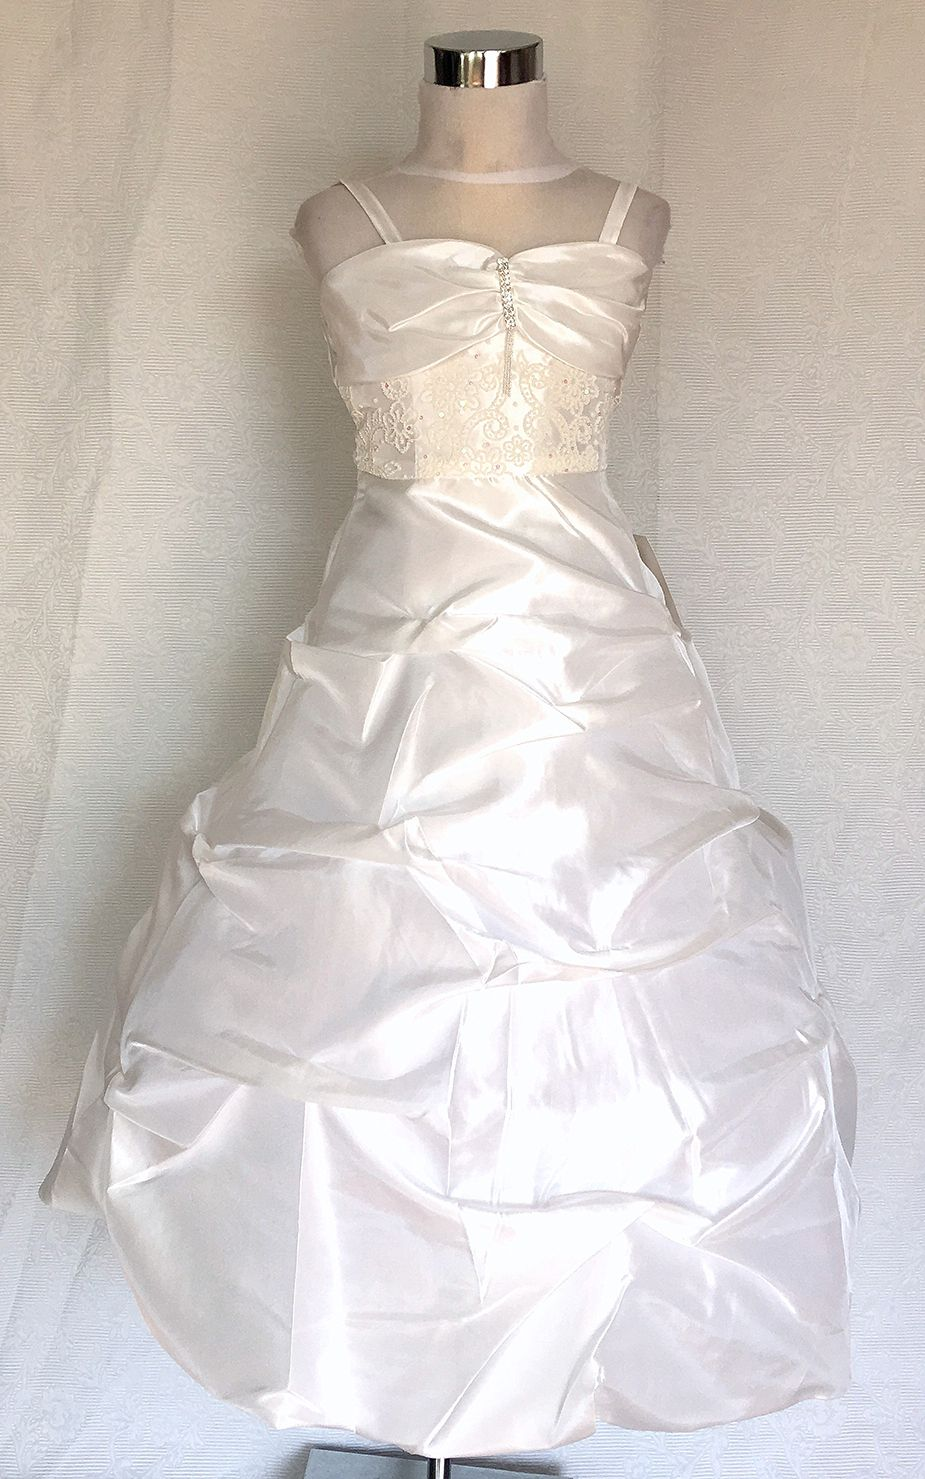 Koszorúslány ruha KO 111 : hosszú állású hímzett koszorúslány ruha